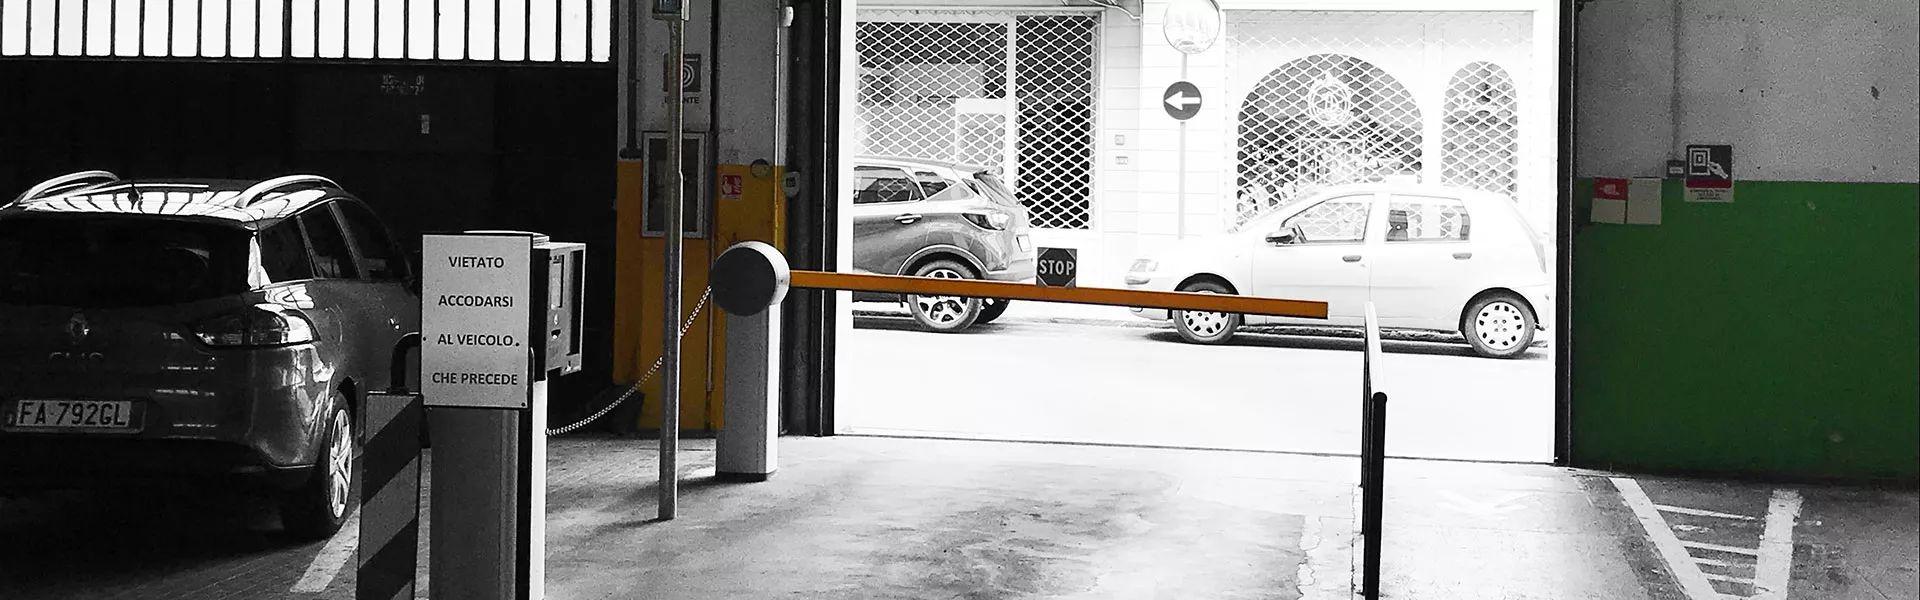 Uscita parcheggio Lingottino Pistoia | Lingottino Parcheggi S.r.l.